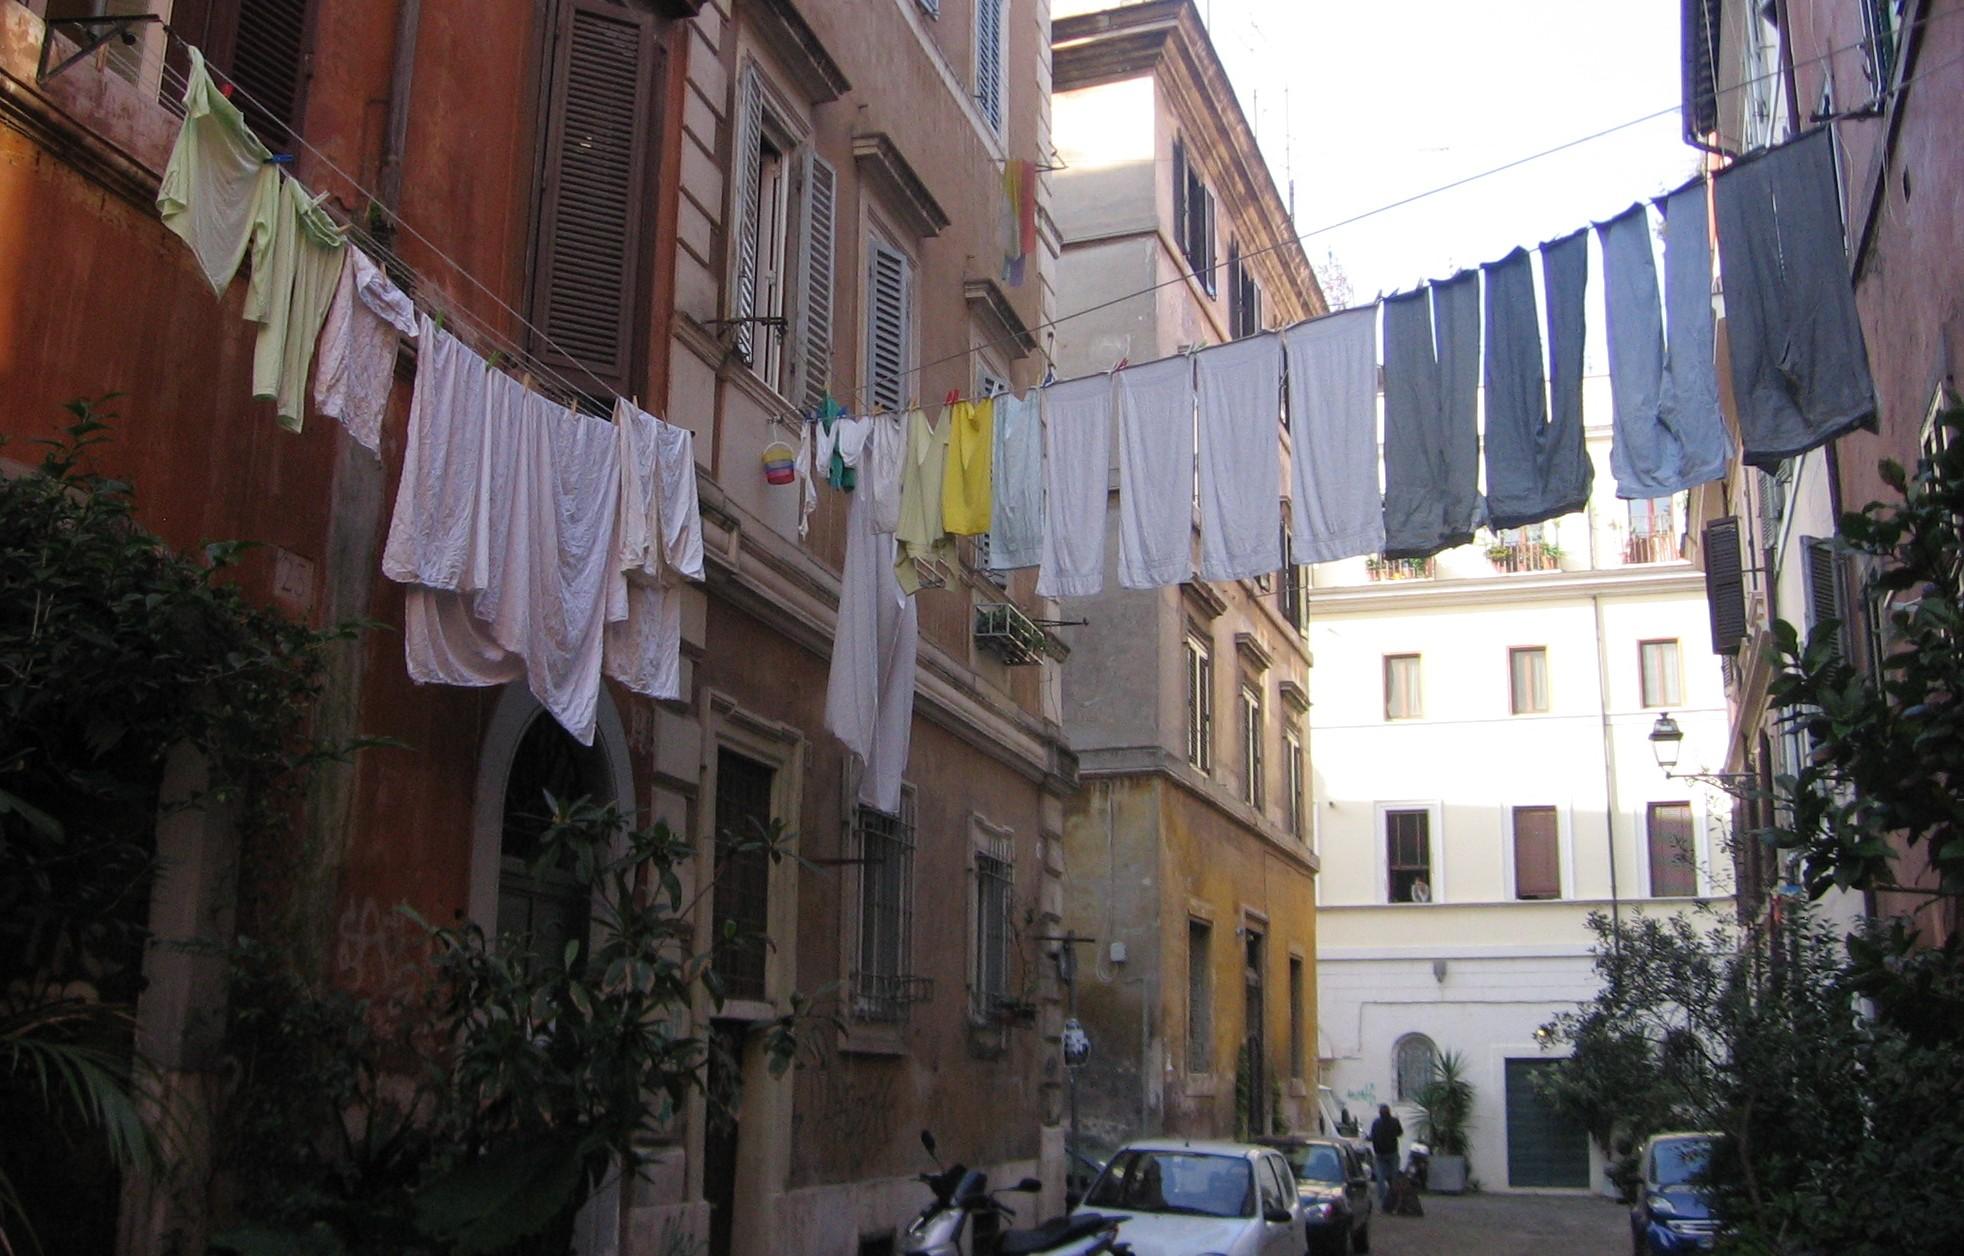 Laundry Wikiwand